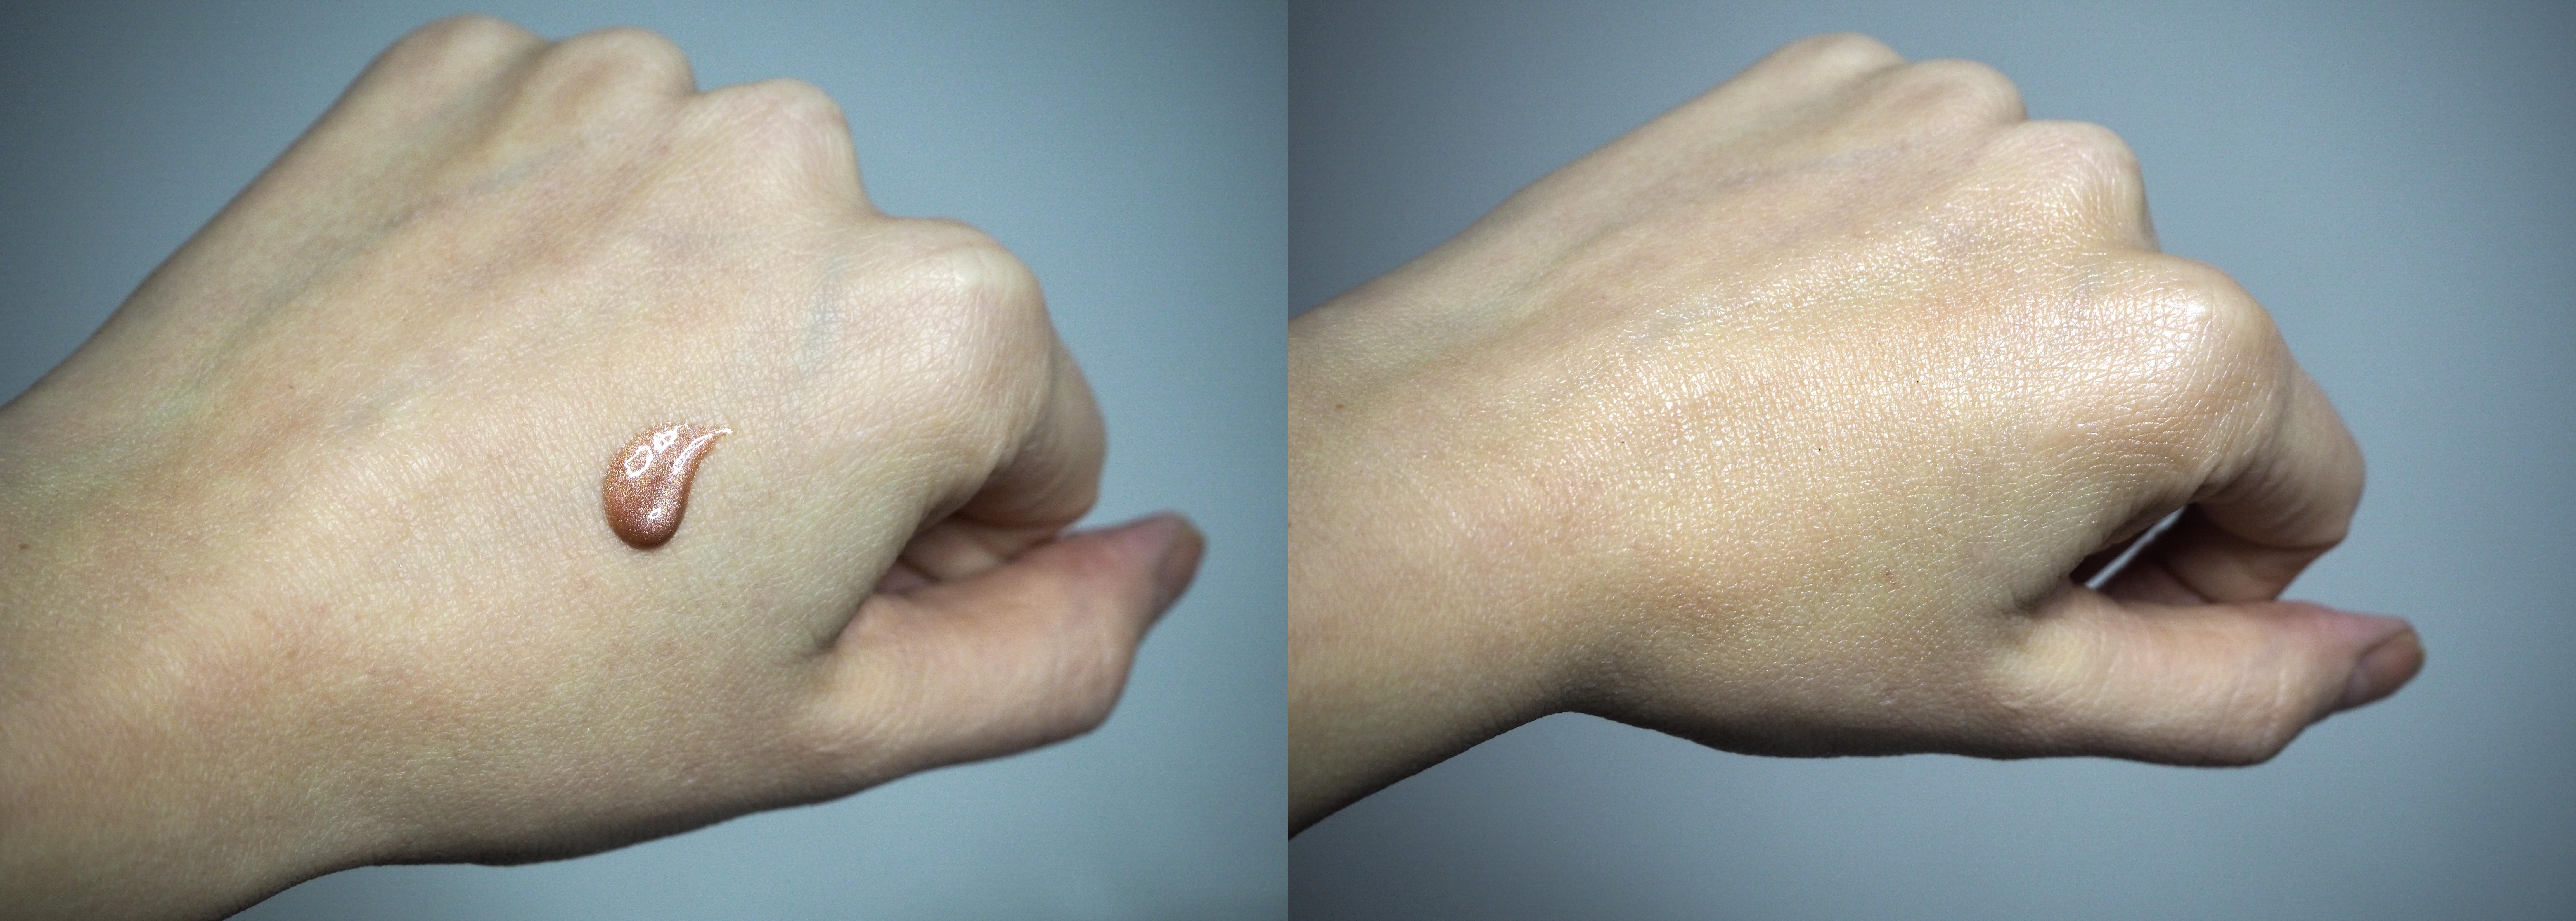 goshmeikit11 (1)kädet.jpg